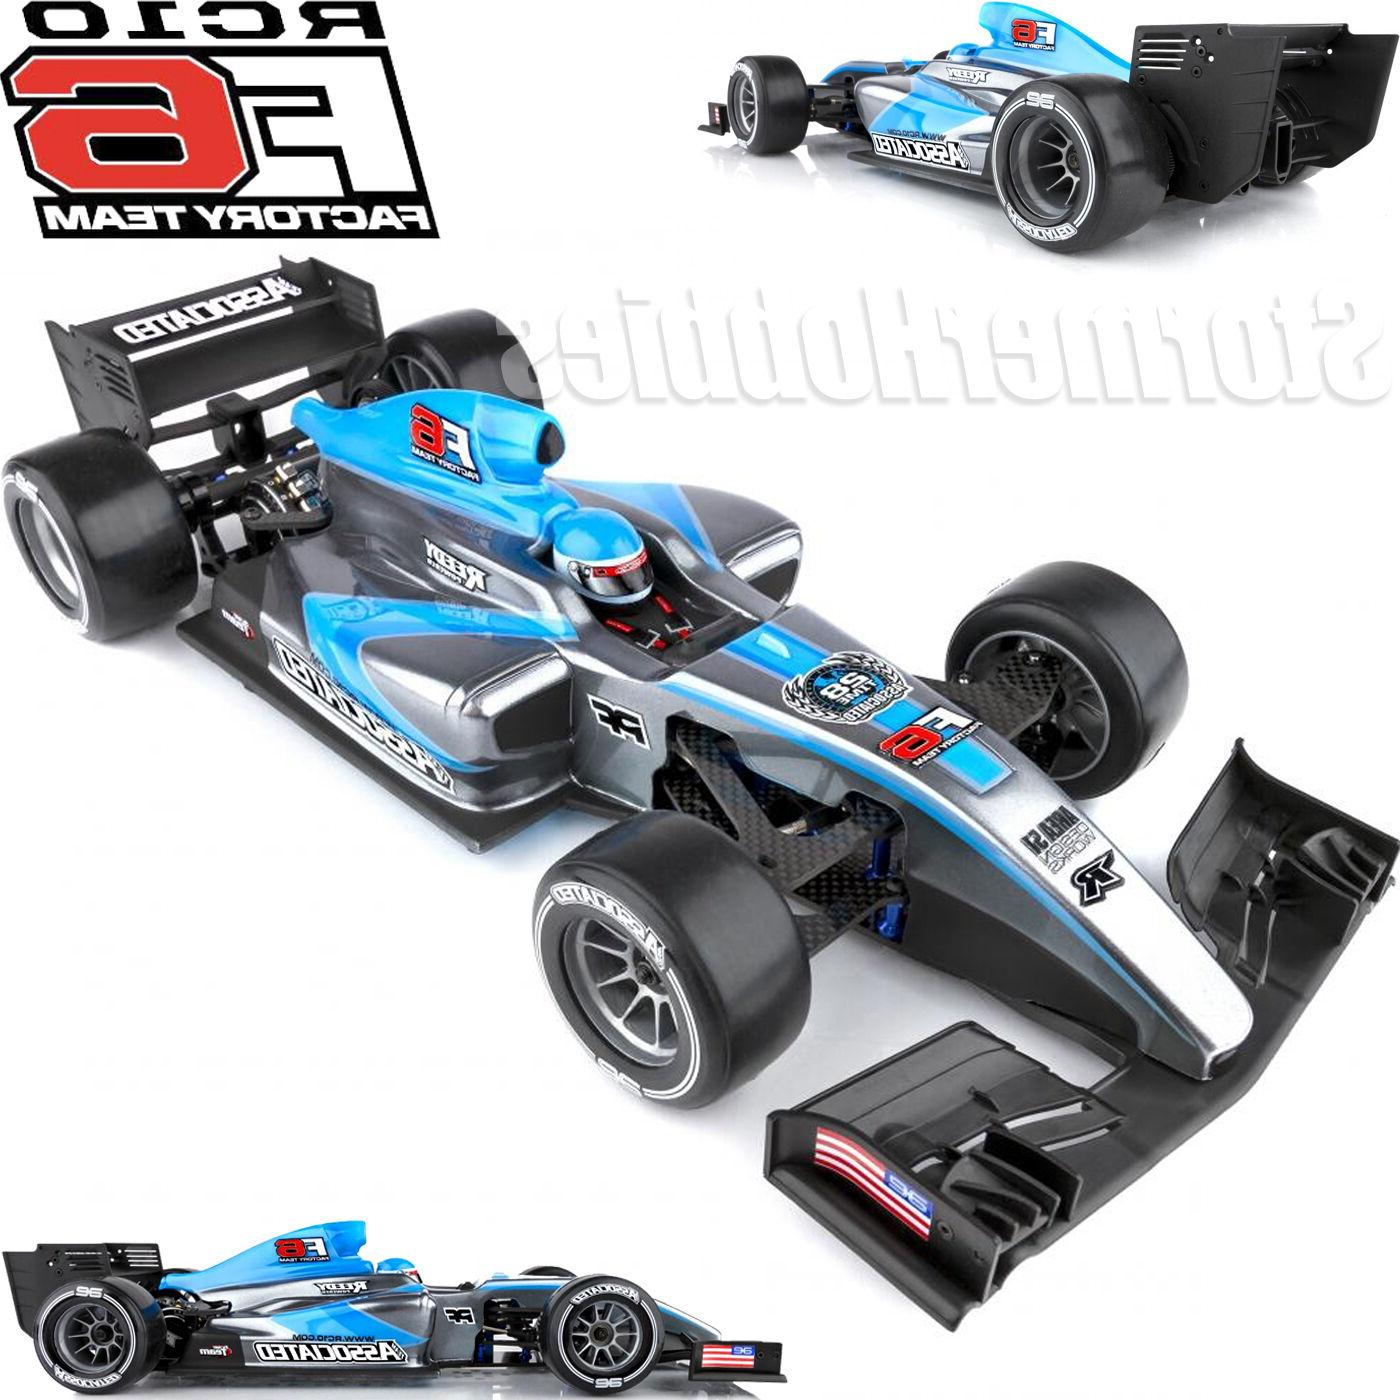 rcf6 car kit 8023